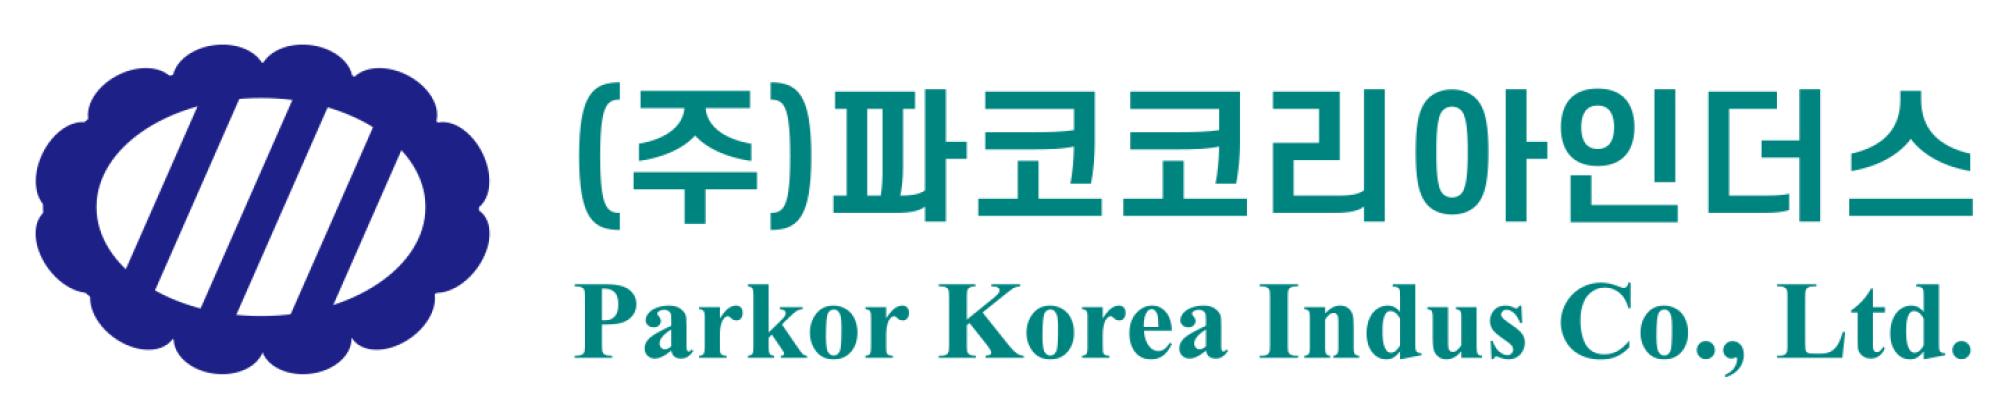 parkor logo